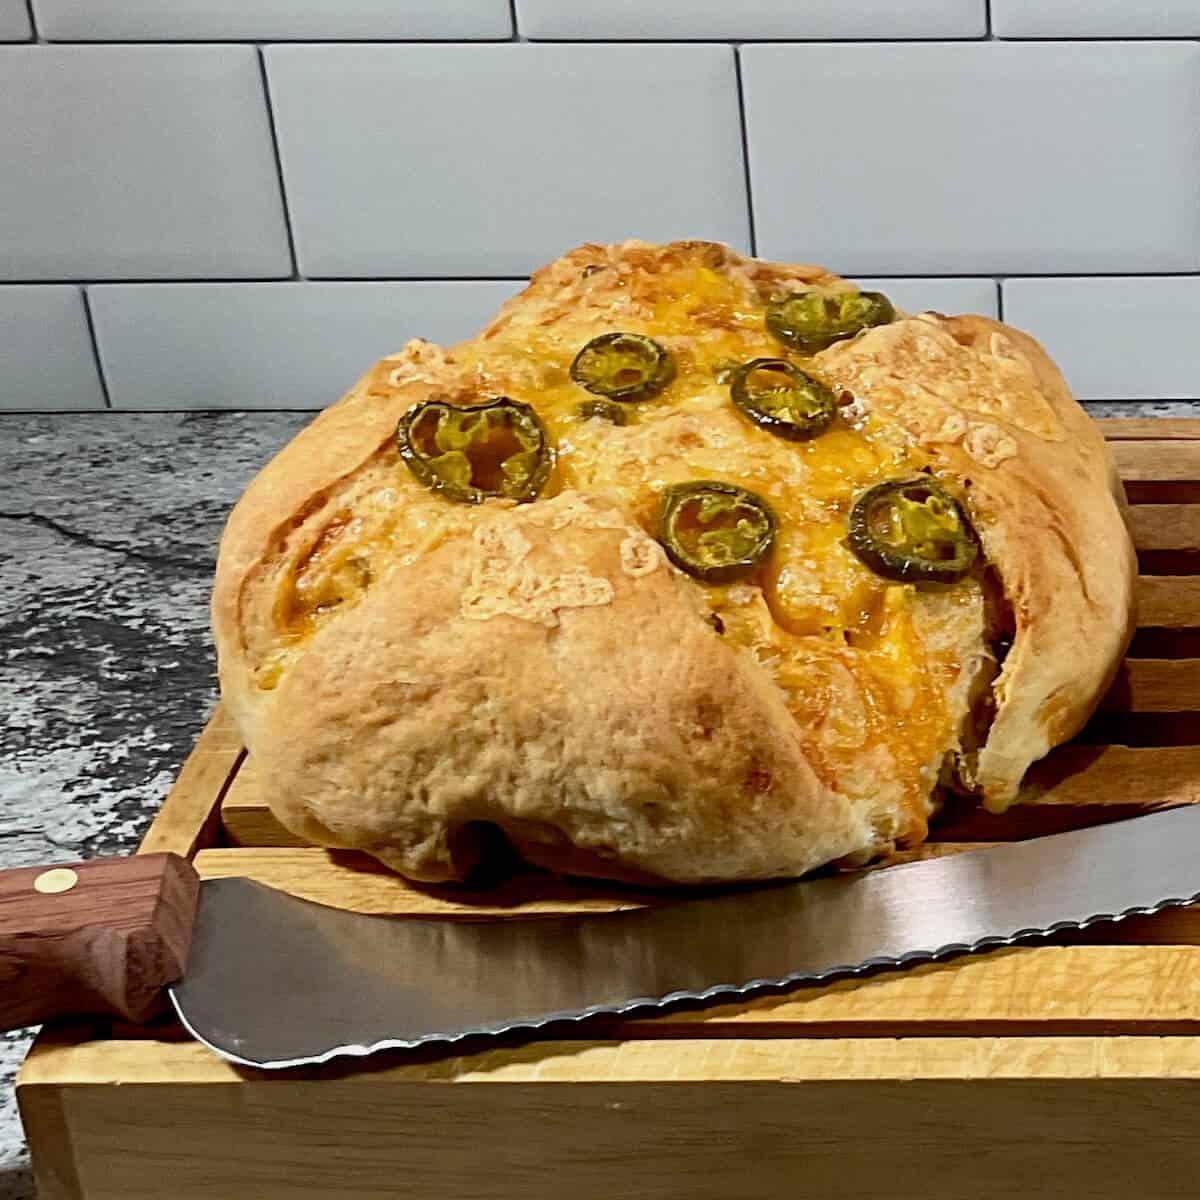 Sourdough Jalapeño Cheddar Bread on cutting board with knife.